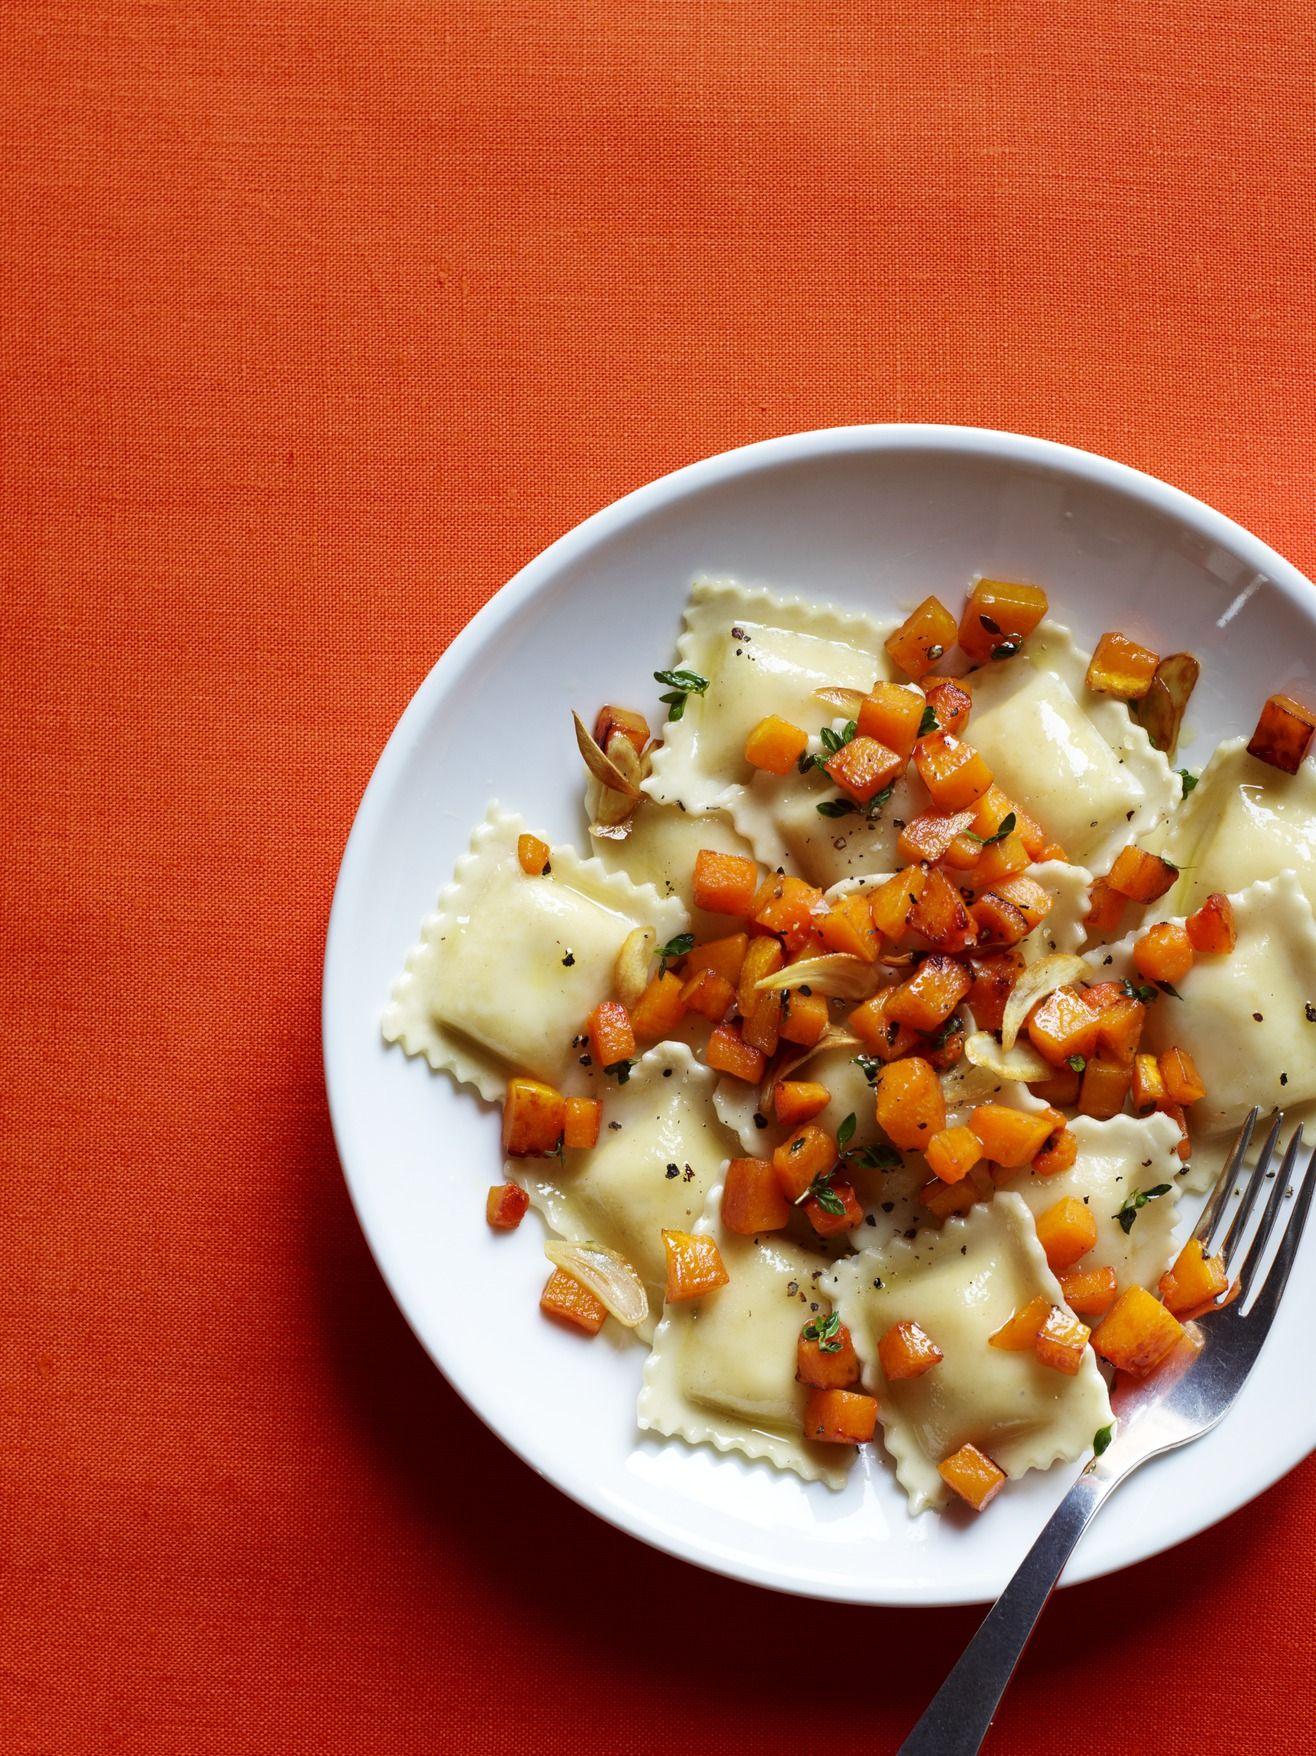 30 easy fall dinner ideas - best dinner recipes for autumn